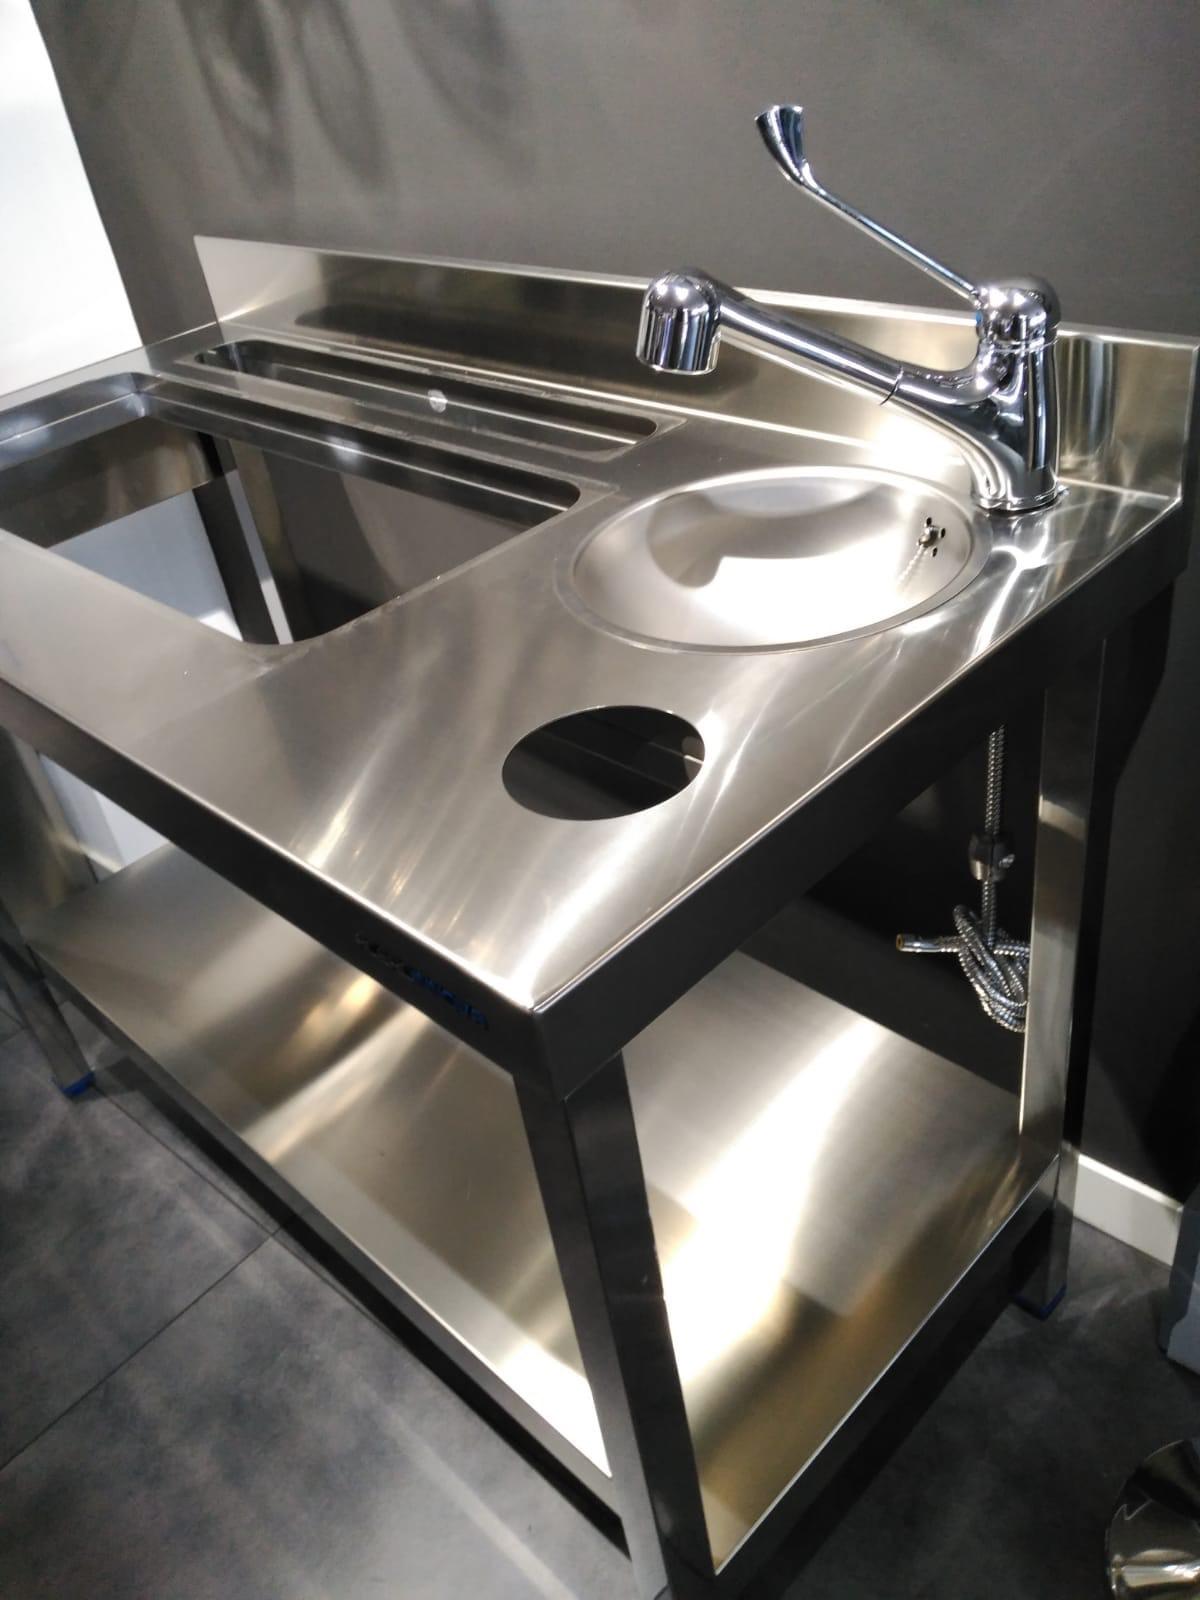 diseño fabricación fabricantes mobiliario maquinario accesorios acero inox acero inoxidable cocteleria cocktel instaladores instalación en toda españa madrid mesa